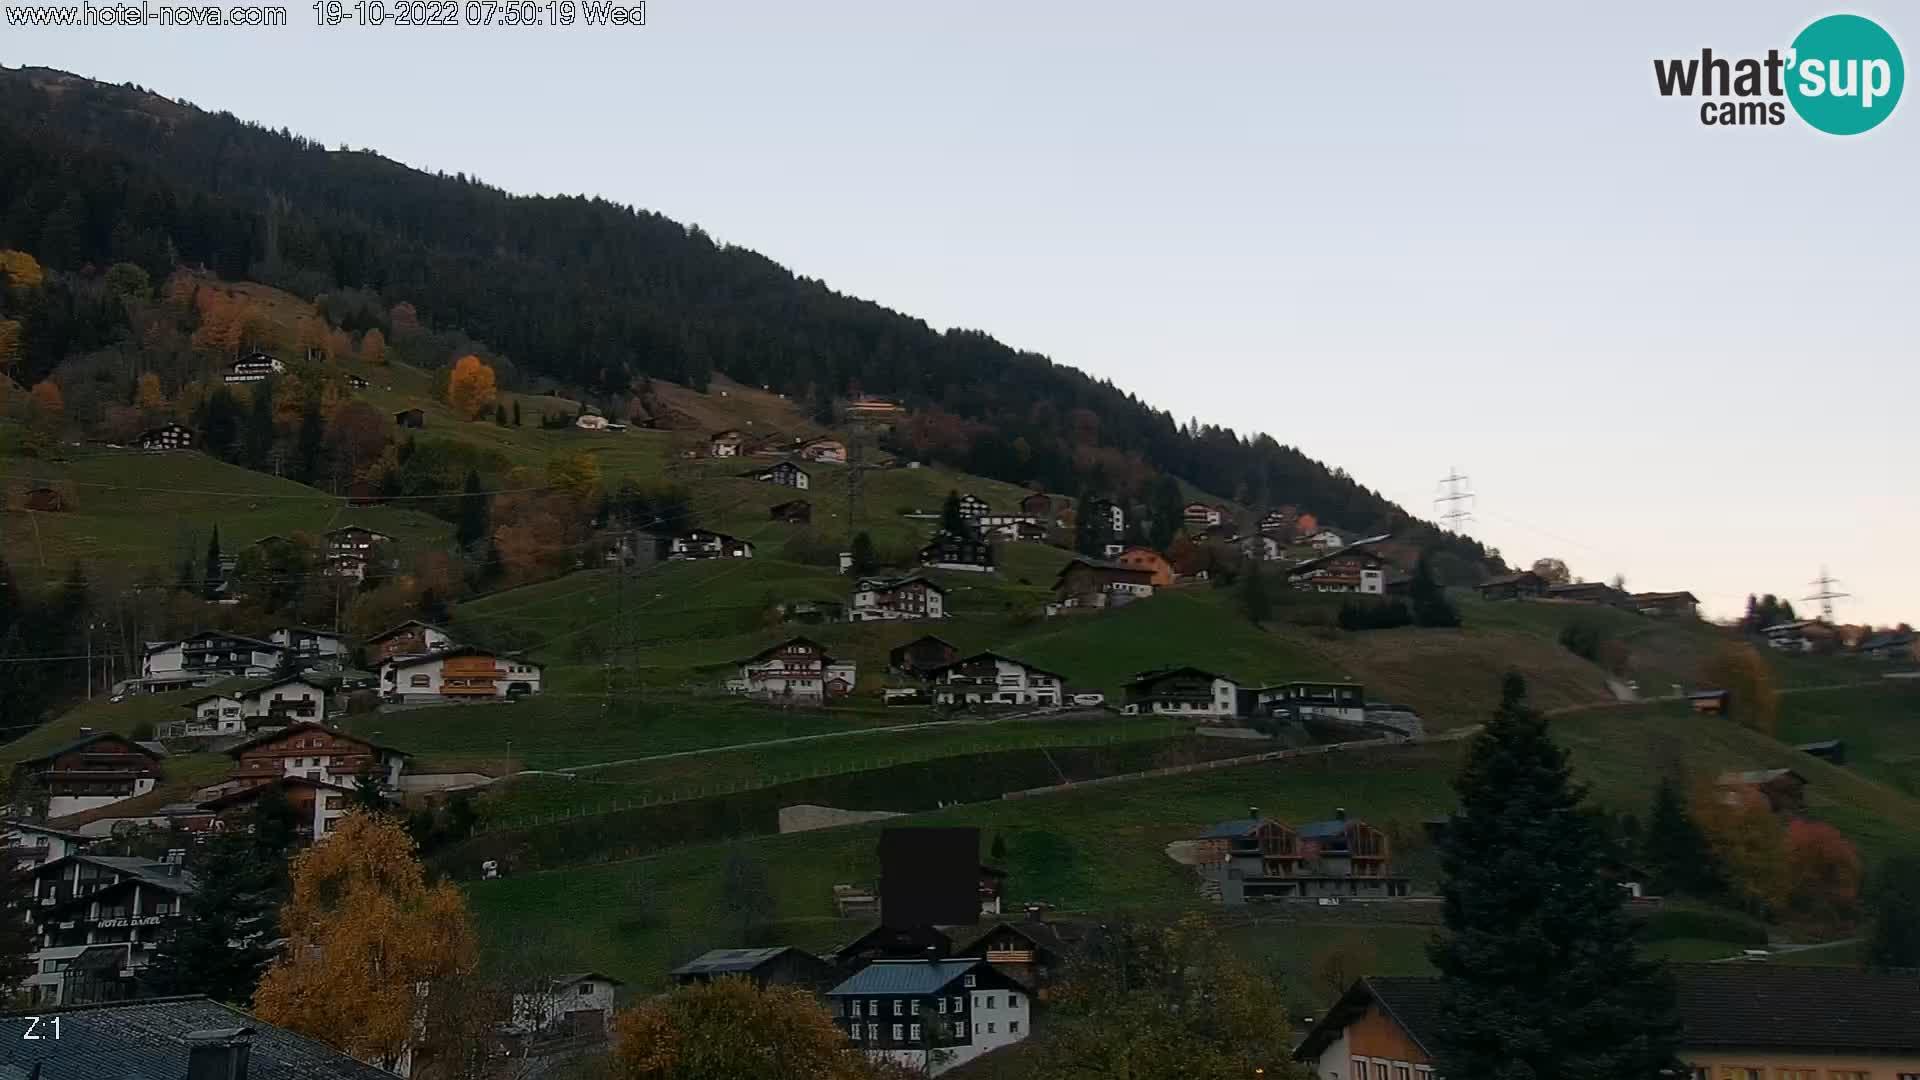 Gaschurn Webcam Hotel Nova – Montafon